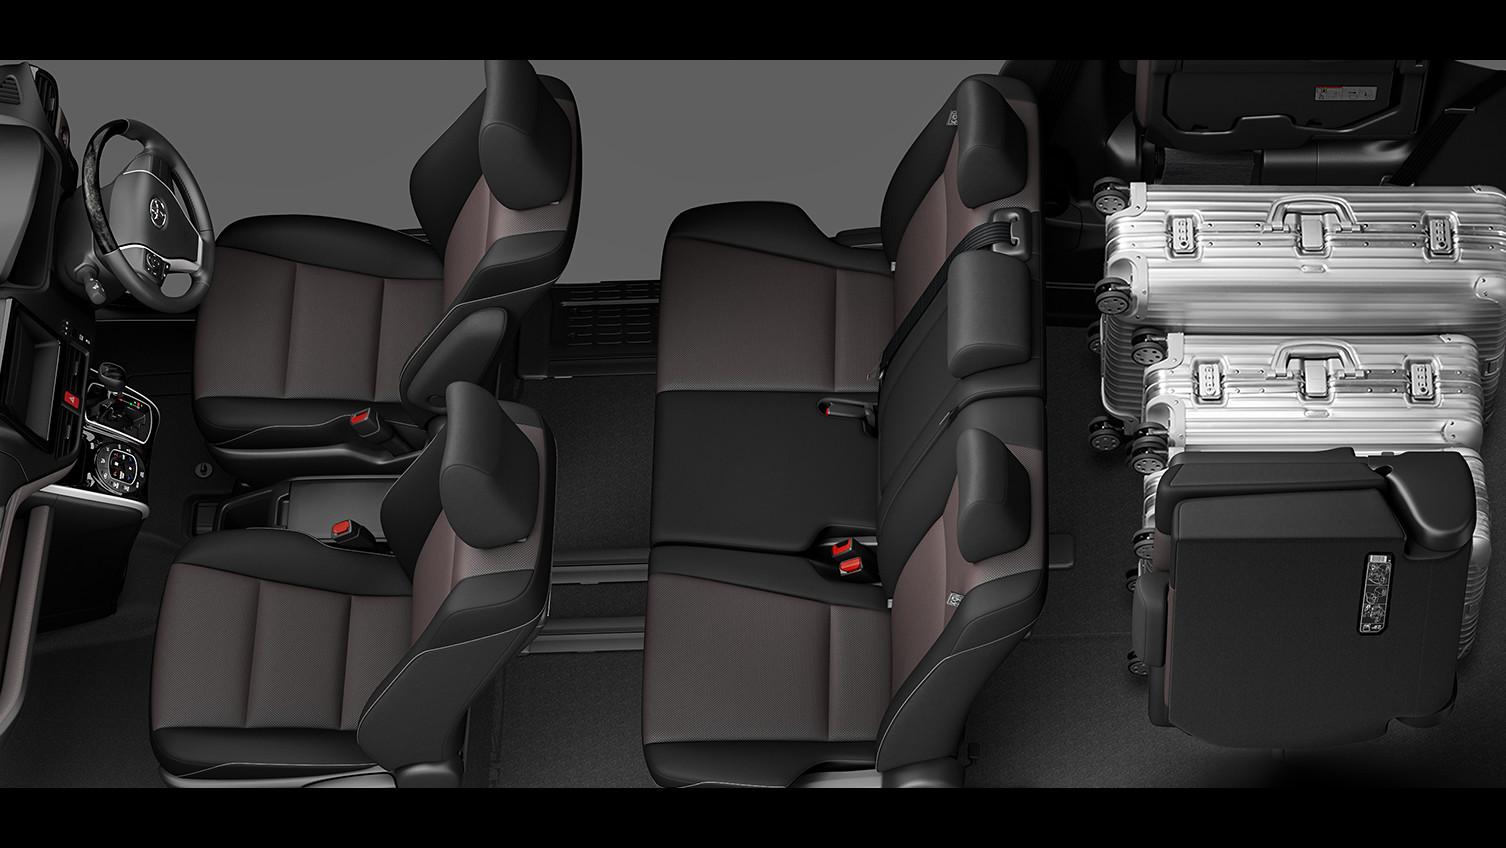 エスクァイア、7人乗り8人乗り比較、8人乗りラゲージモード